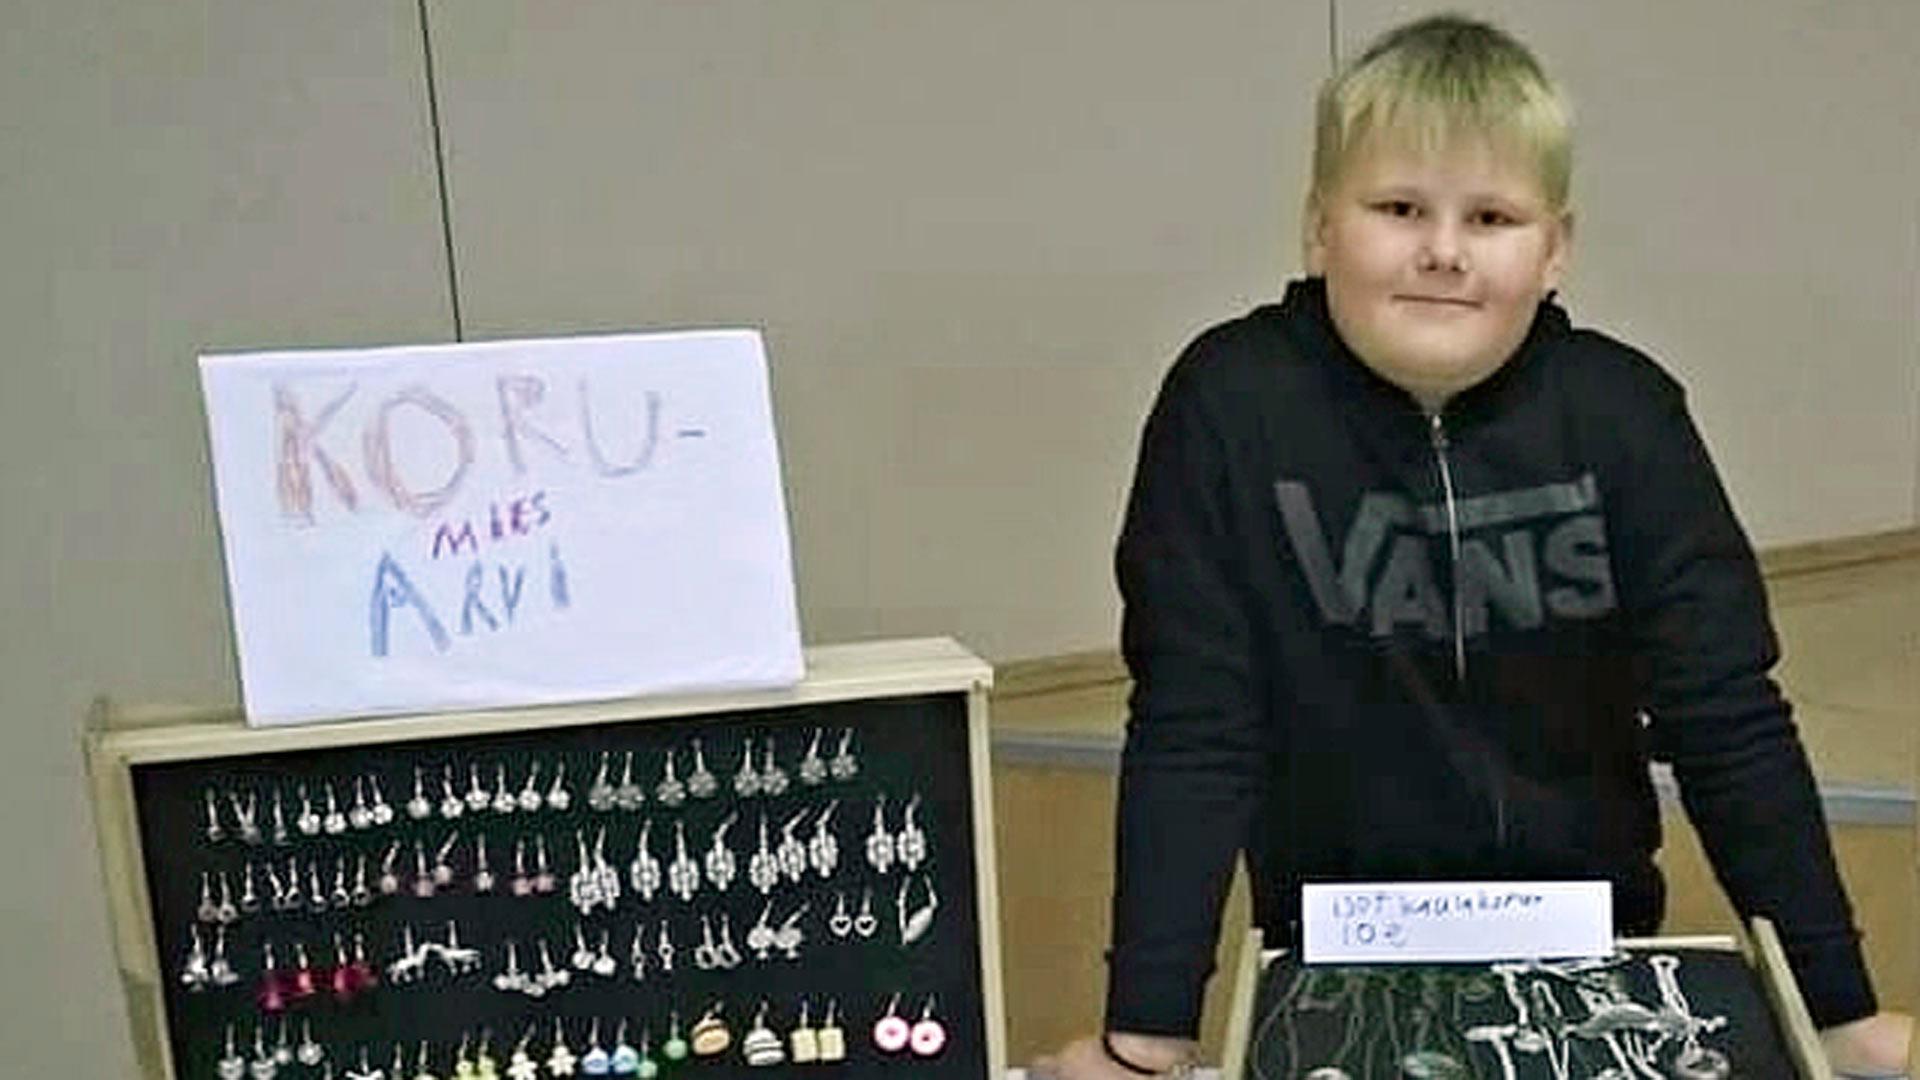 Pukkilan joulumyyjäisissä vuonna 2015 Arvi myi ensimmäistä kertaa korujaan.